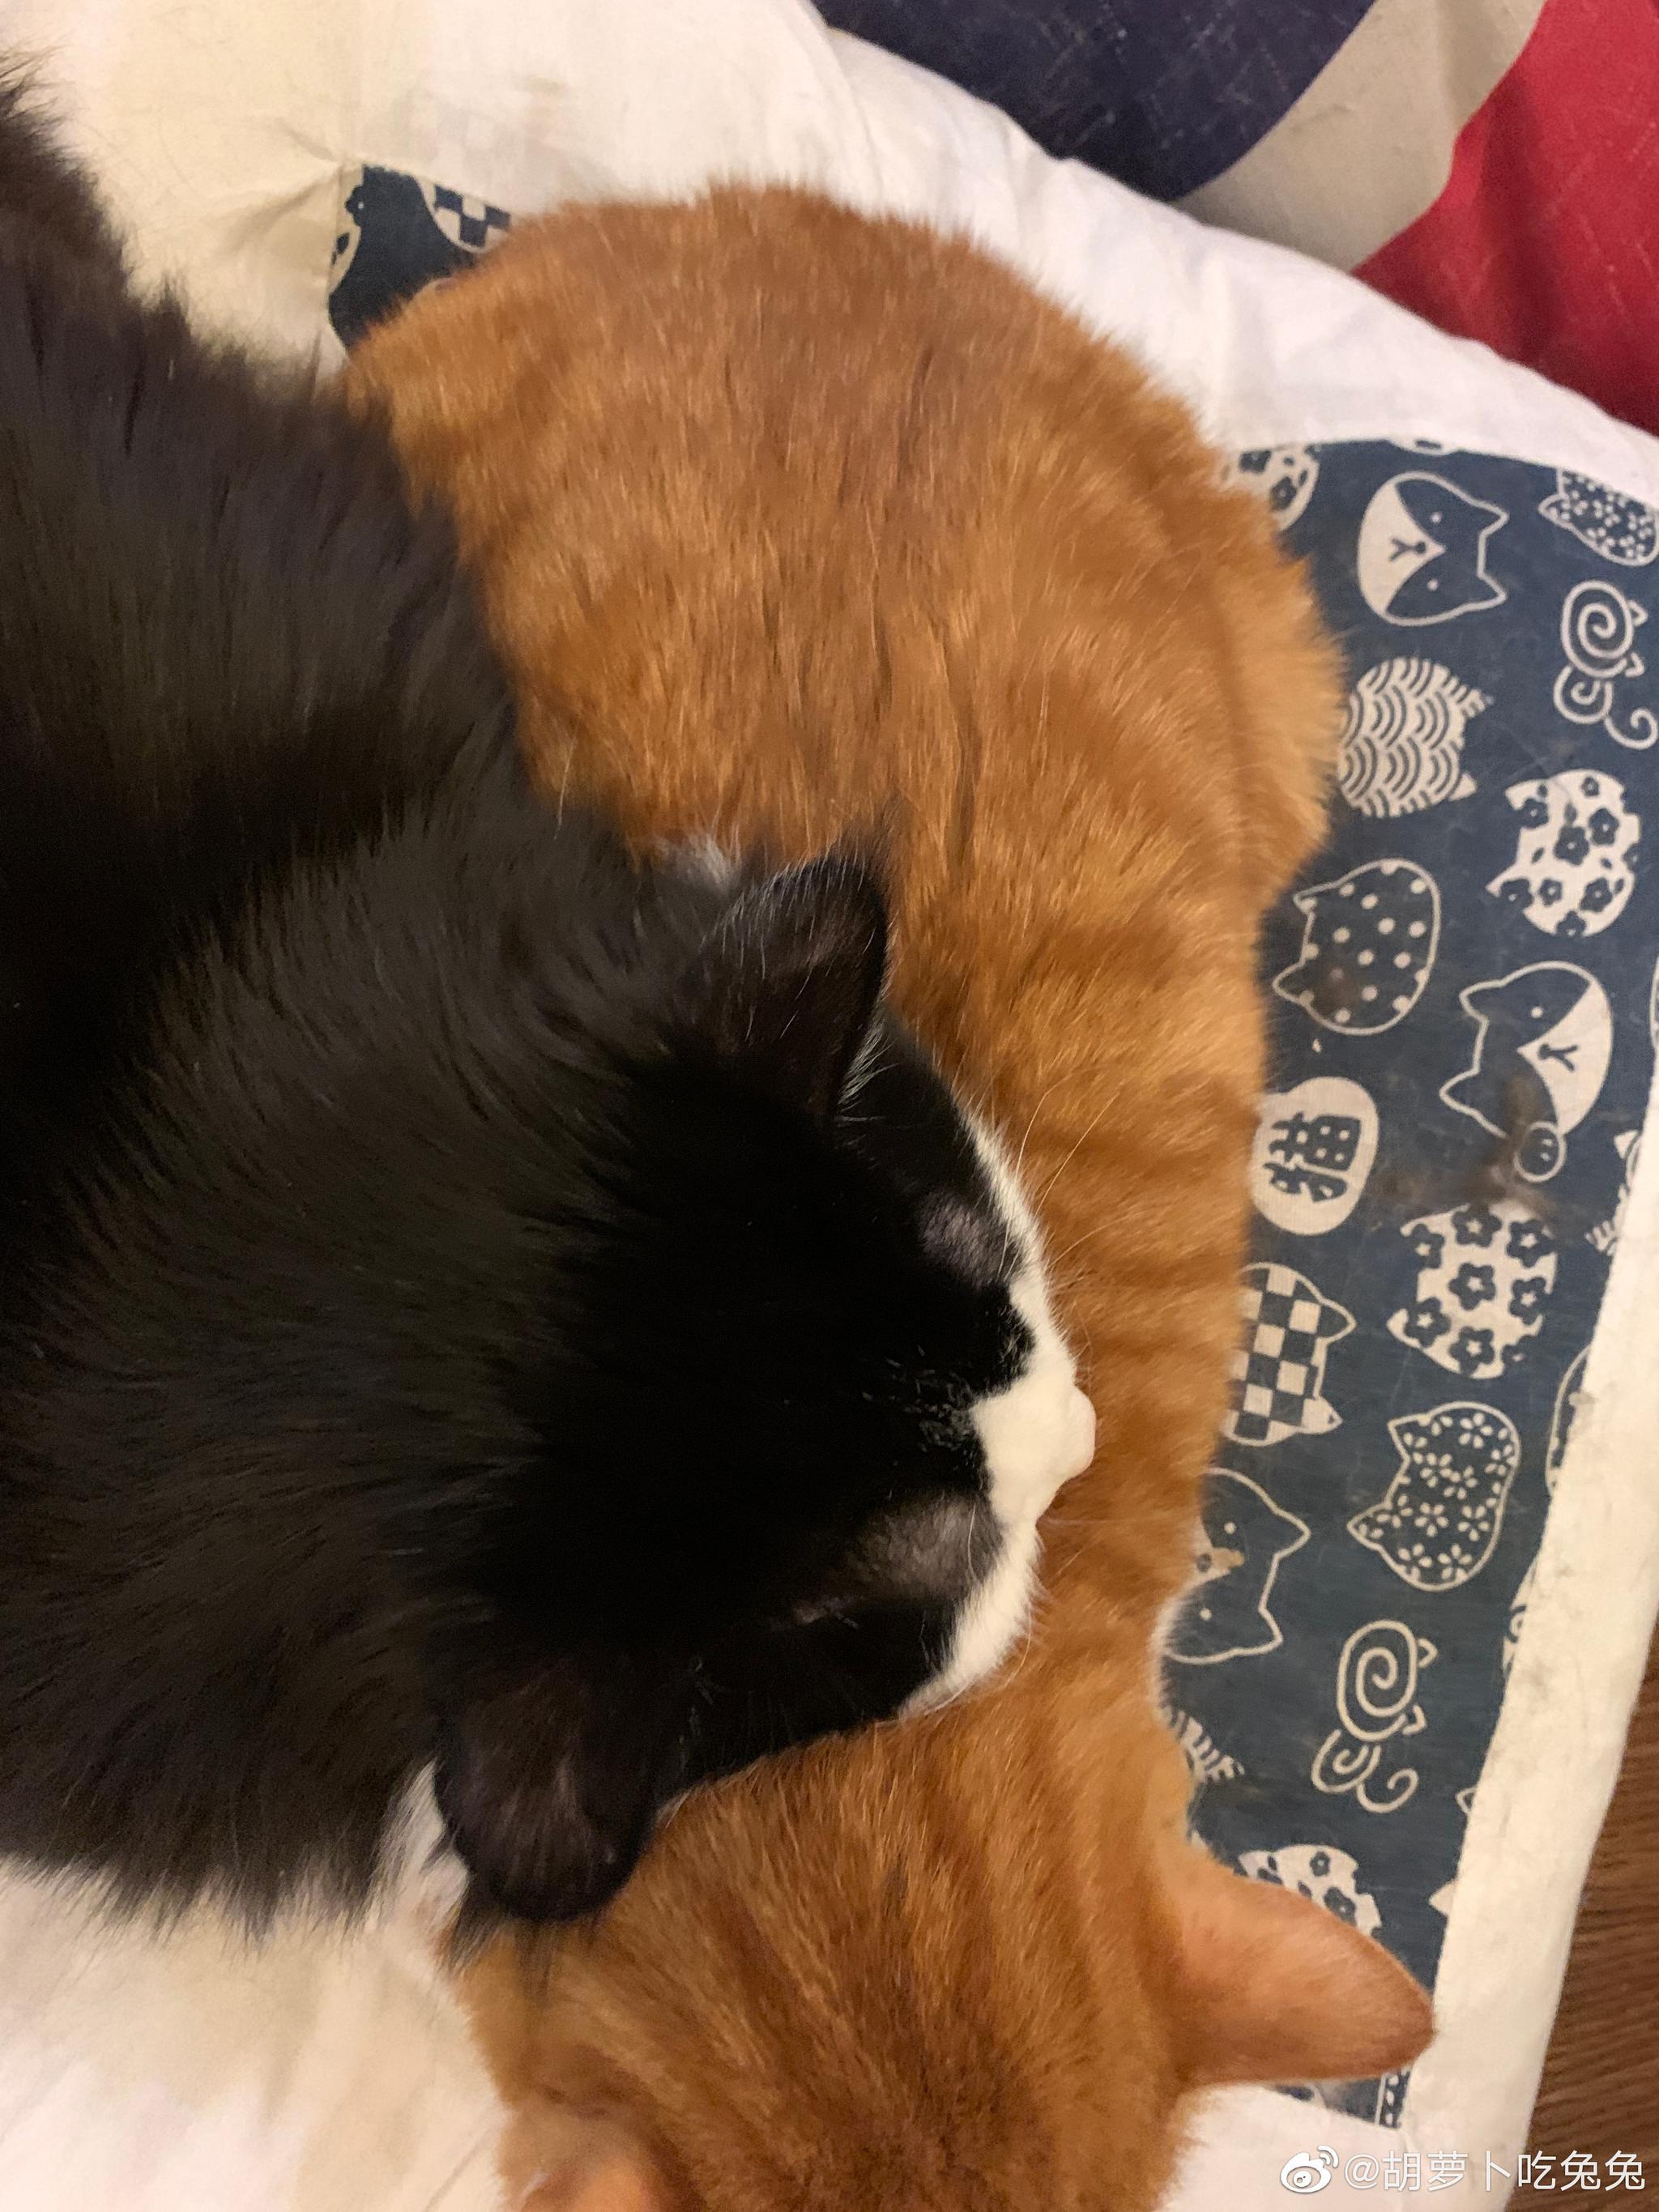 哥哥的猪枕头万里挑一的舒服